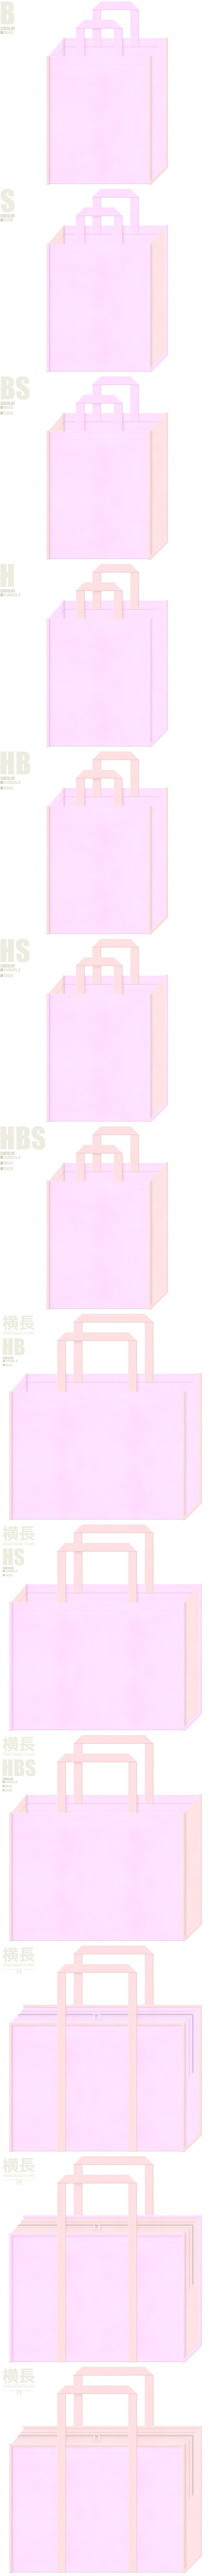 保育・福祉・介護・医療・浴衣・ドリーム・パジャマ・インテリア・寝具・パステルカラー・ガーリーデザインにお奨めの不織布バッグデザイン:パステルピンク色と桜色の配色10パターン